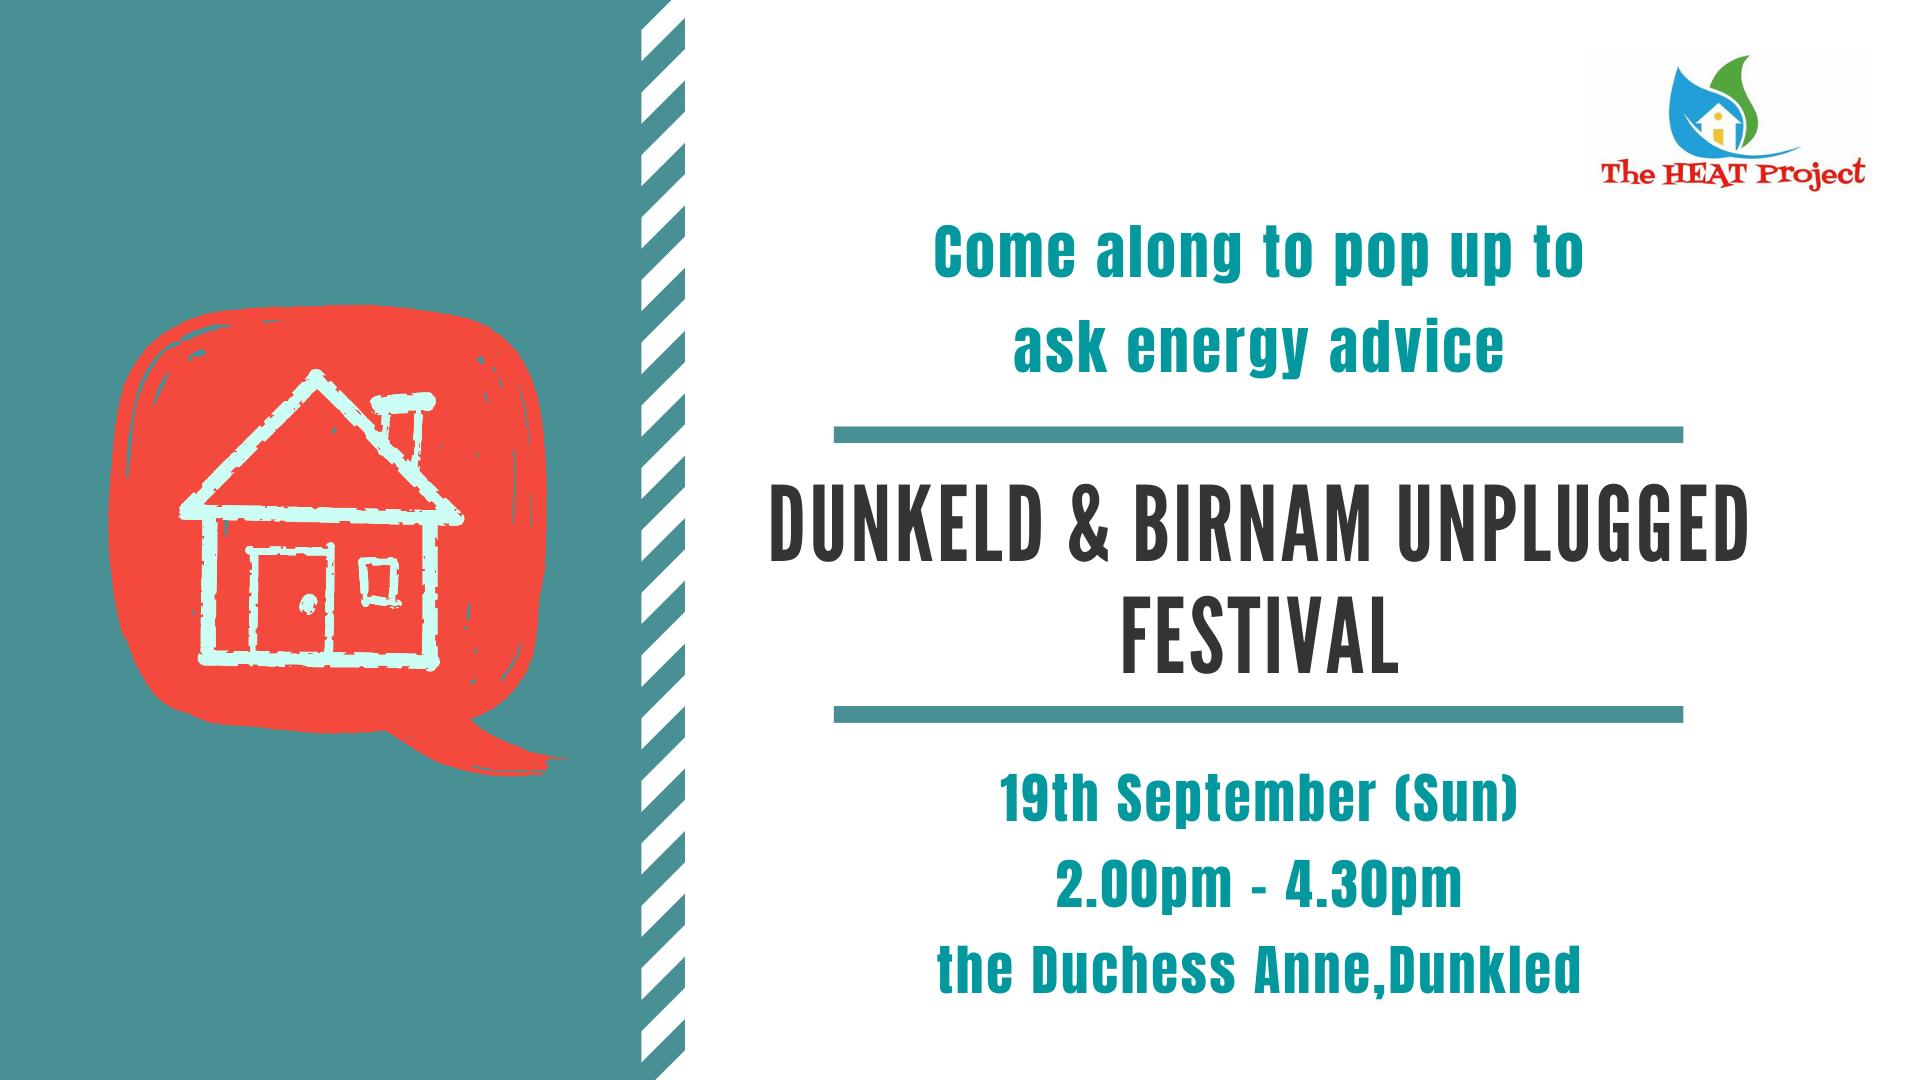 Dunkeld & Birnam Unplugged Festival